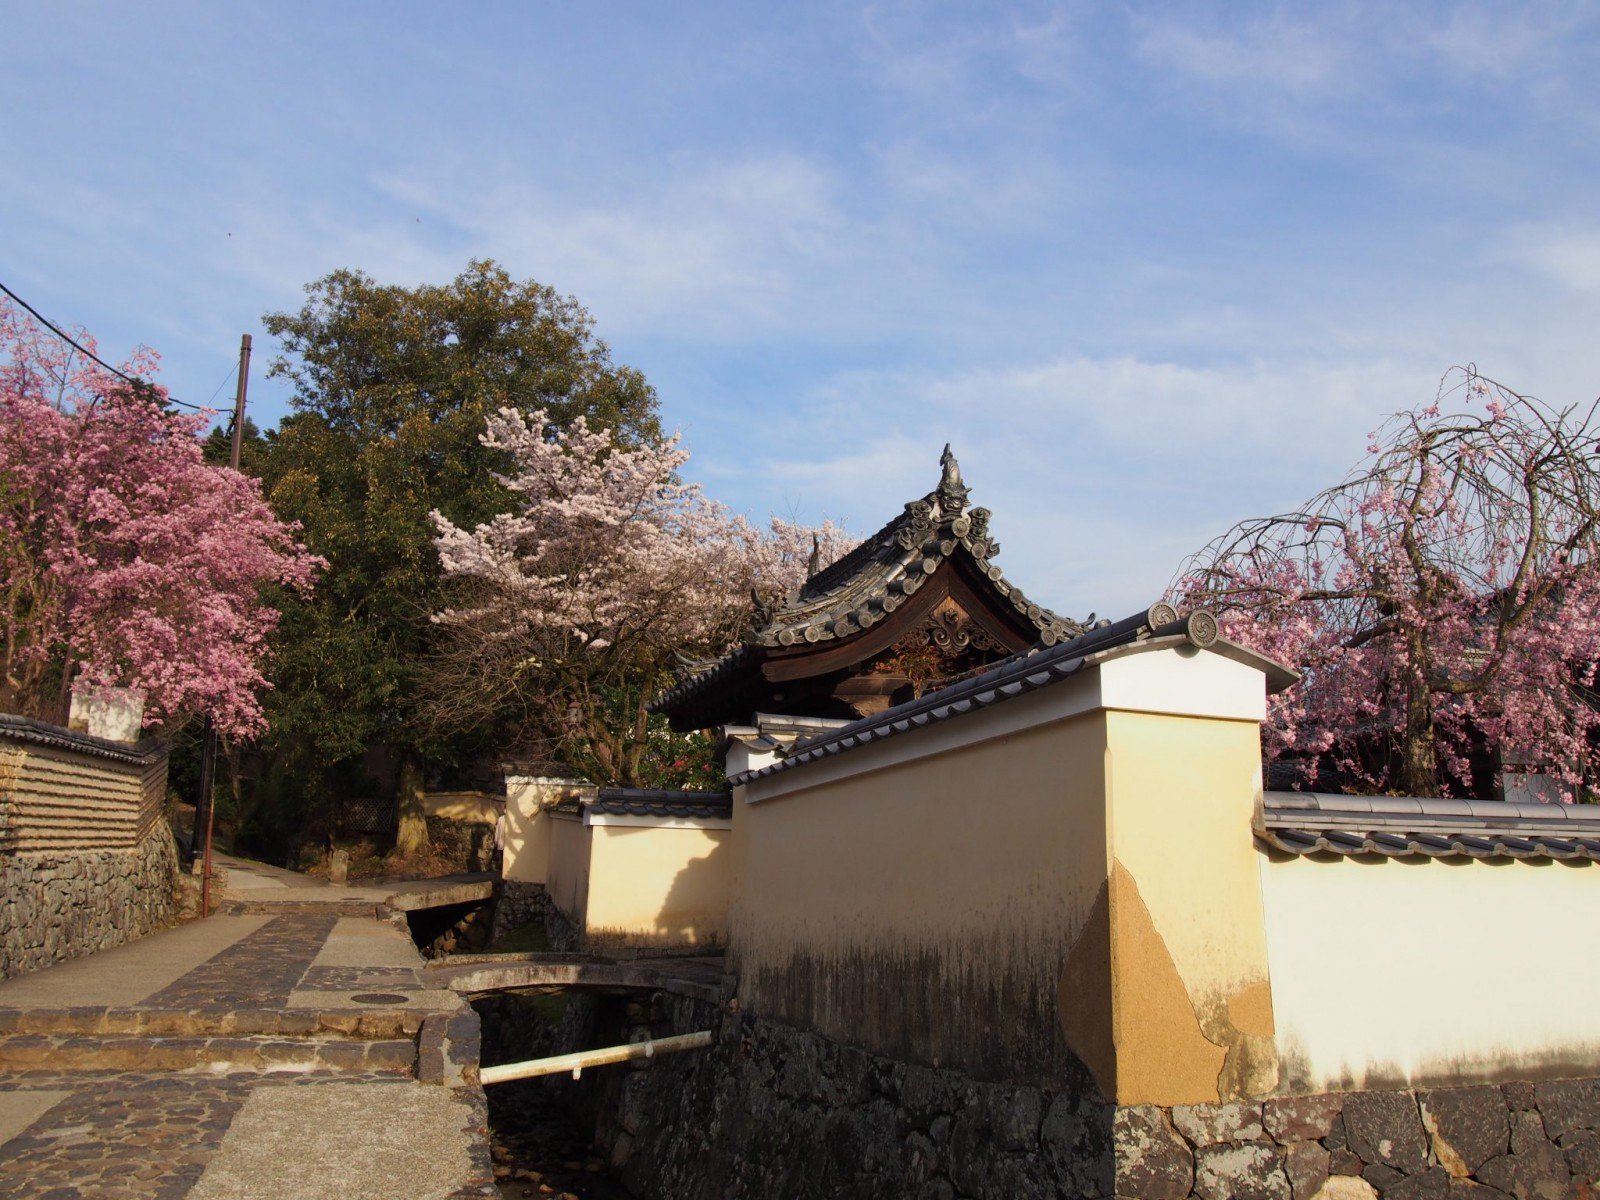 色とりどりの桜が美しい二月堂裏参道